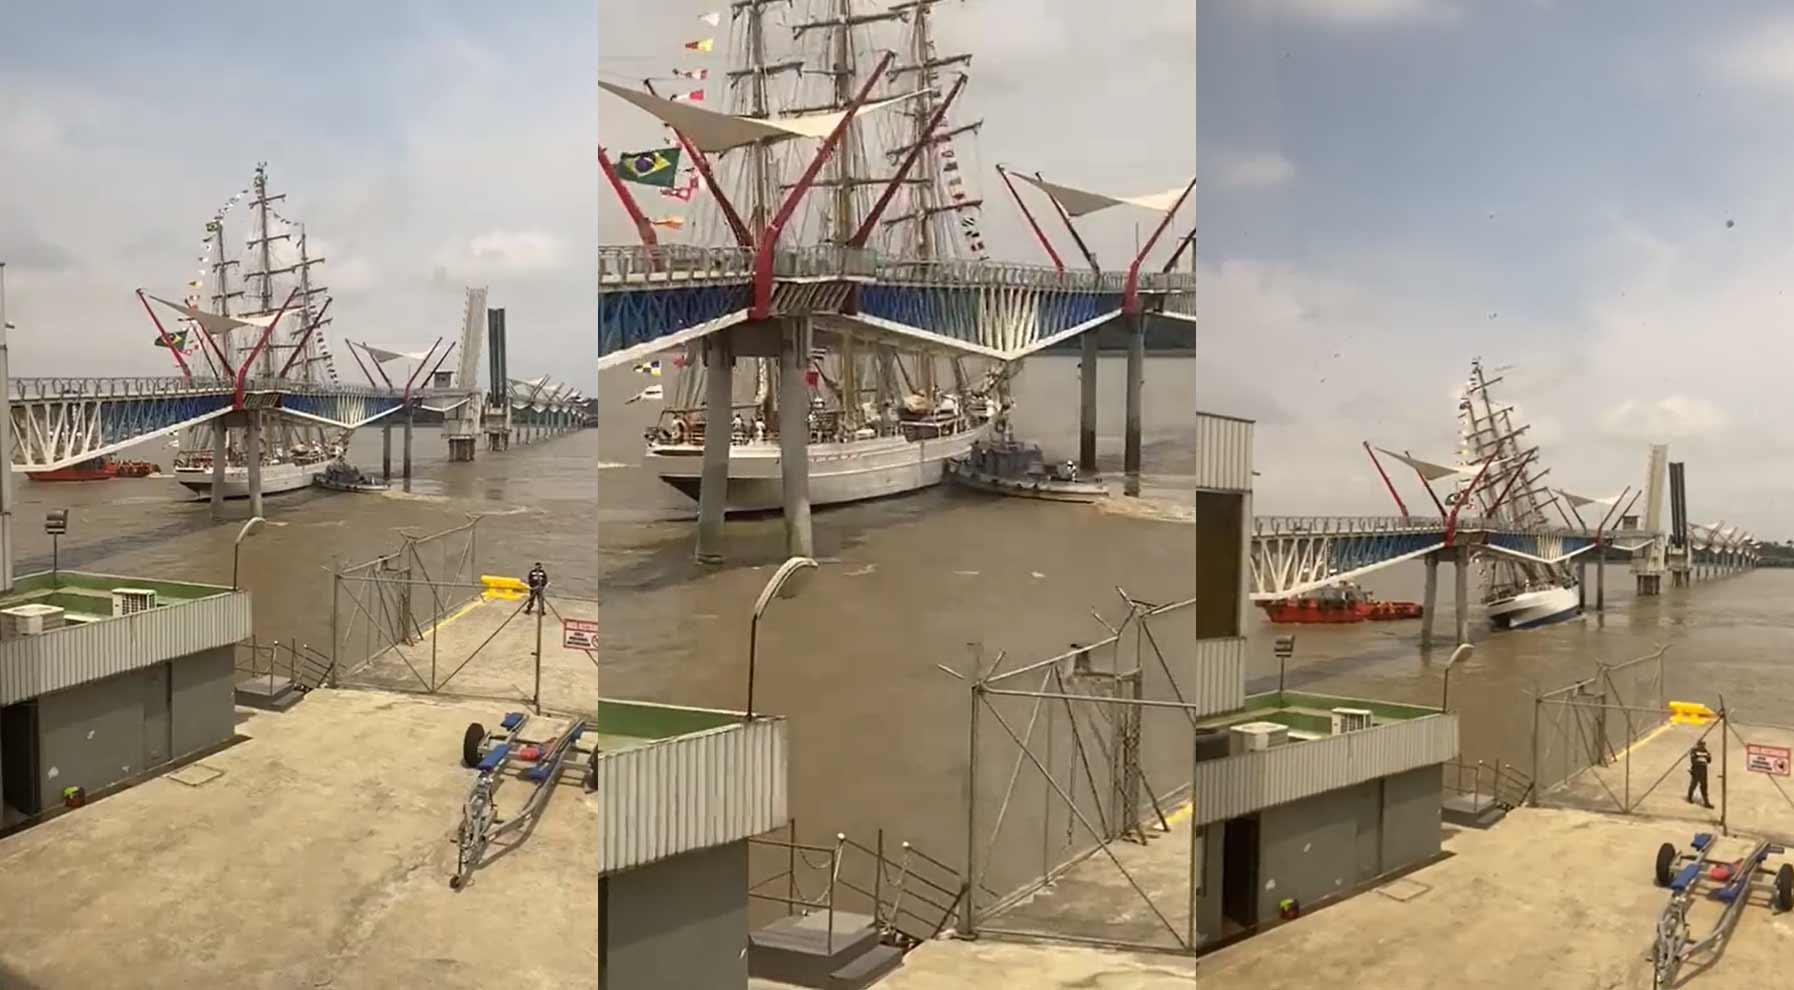 Navio-veleiro Cisne-Branco da Marinha se choca contra ponte no Equador. Foto: Reprodução Twitter